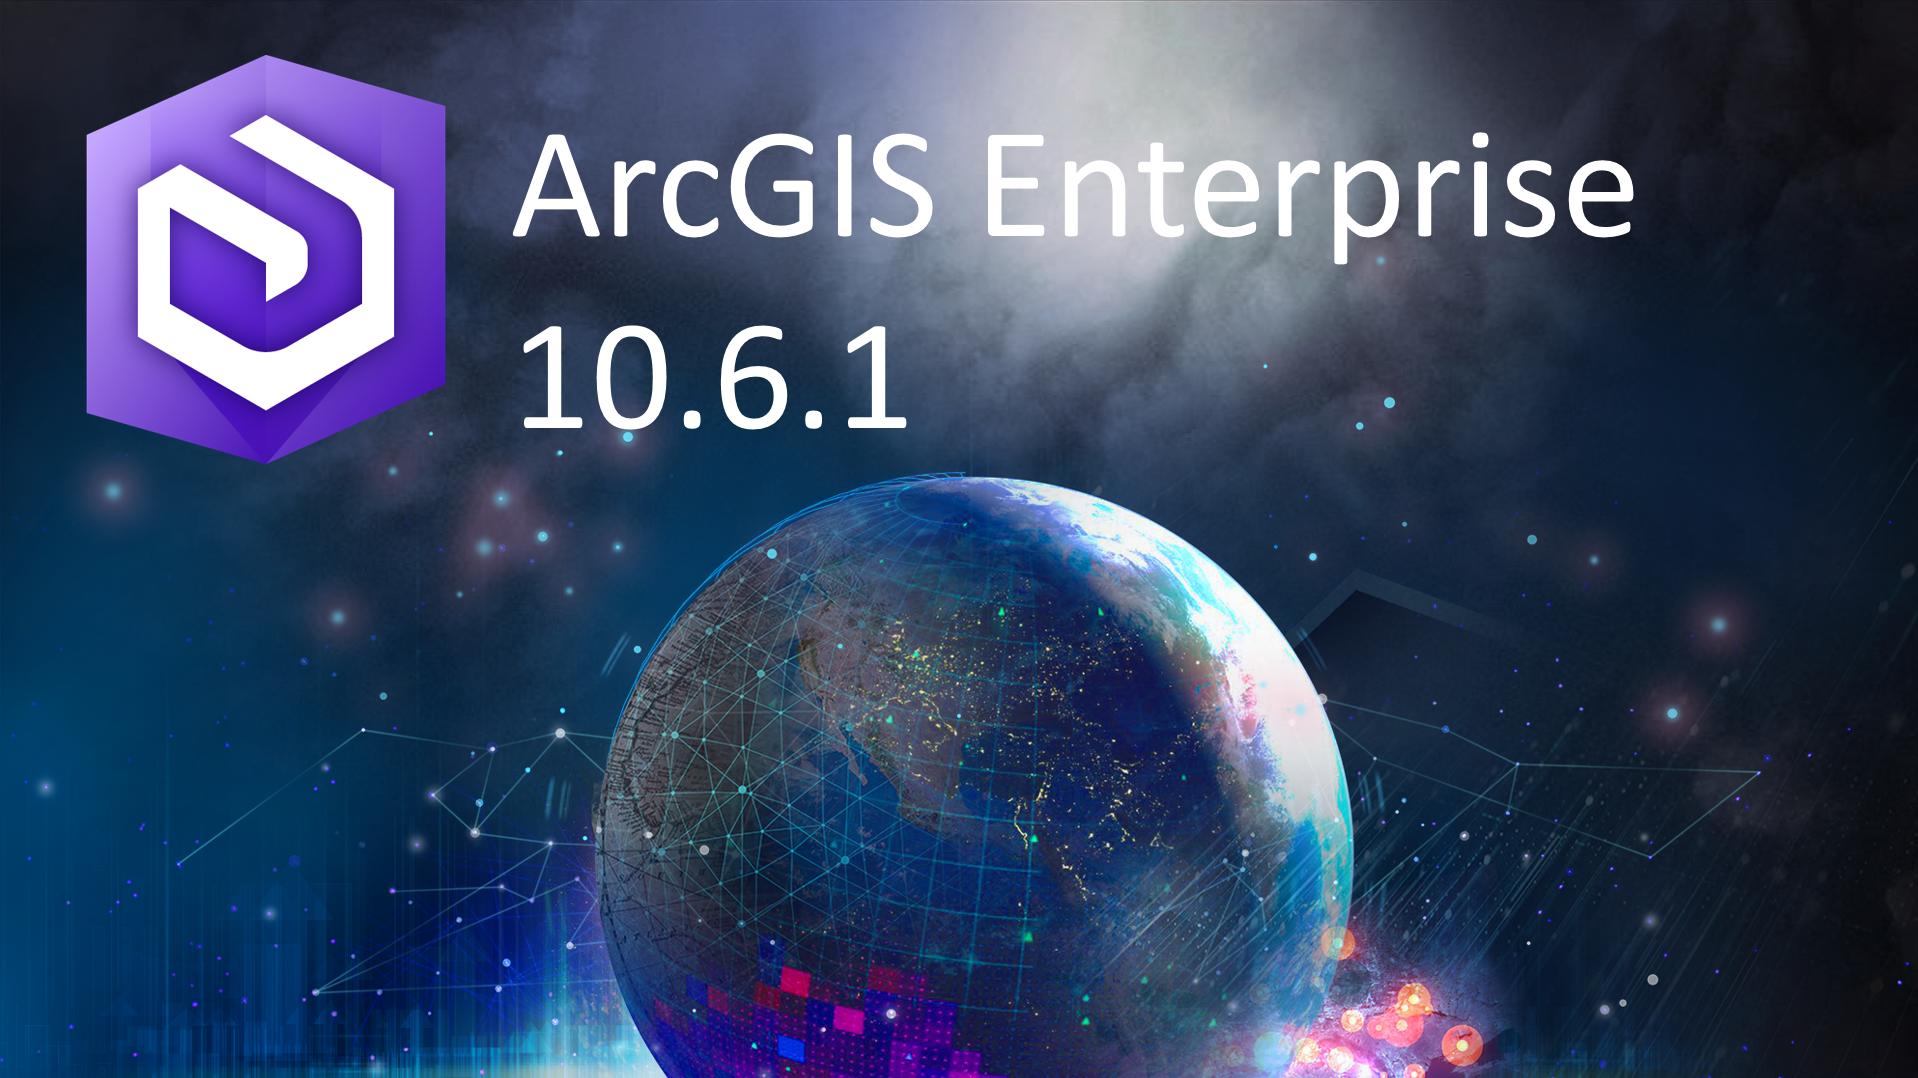 ArcGIS Enterprise 10.6.1